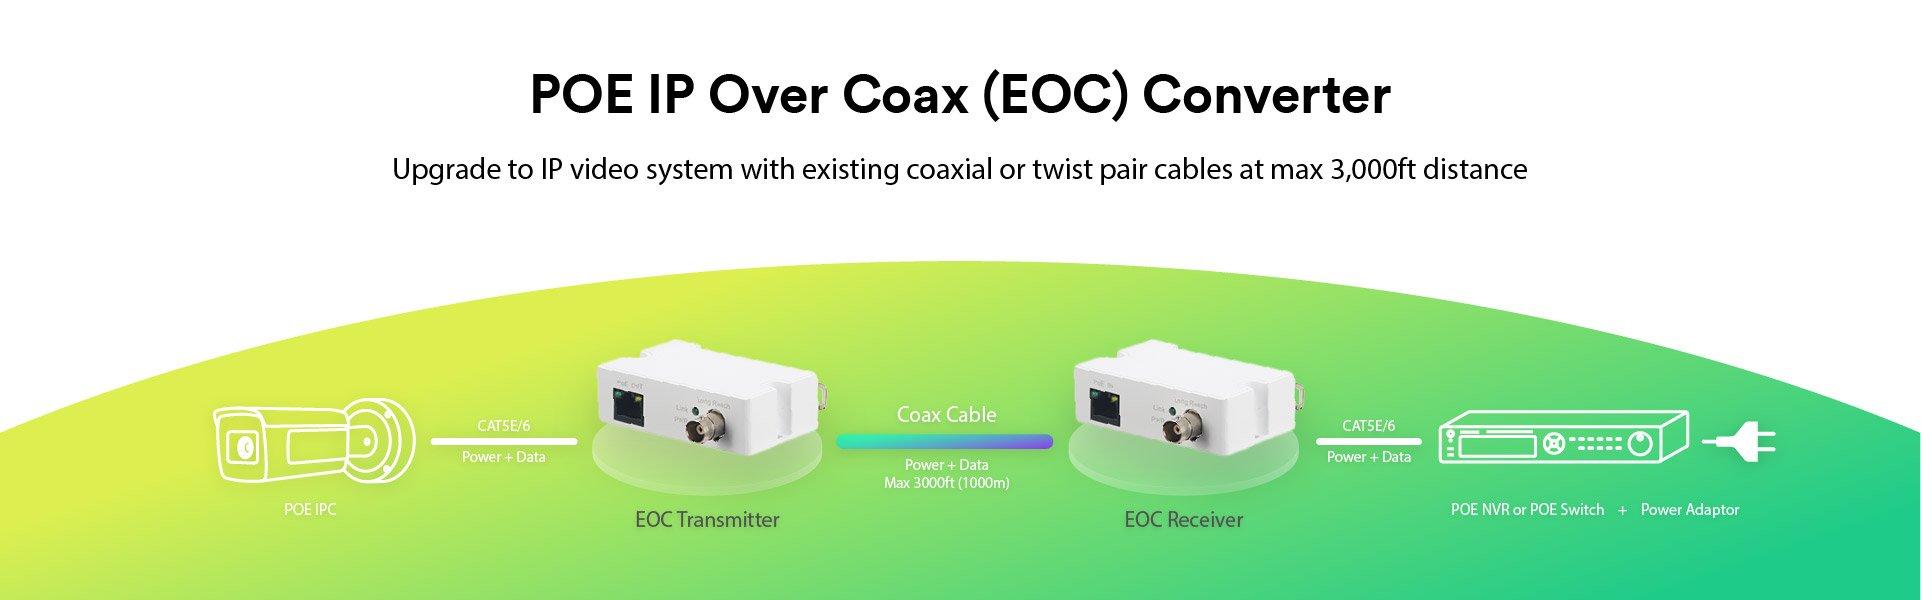 POE IP Over Coax Converter banner